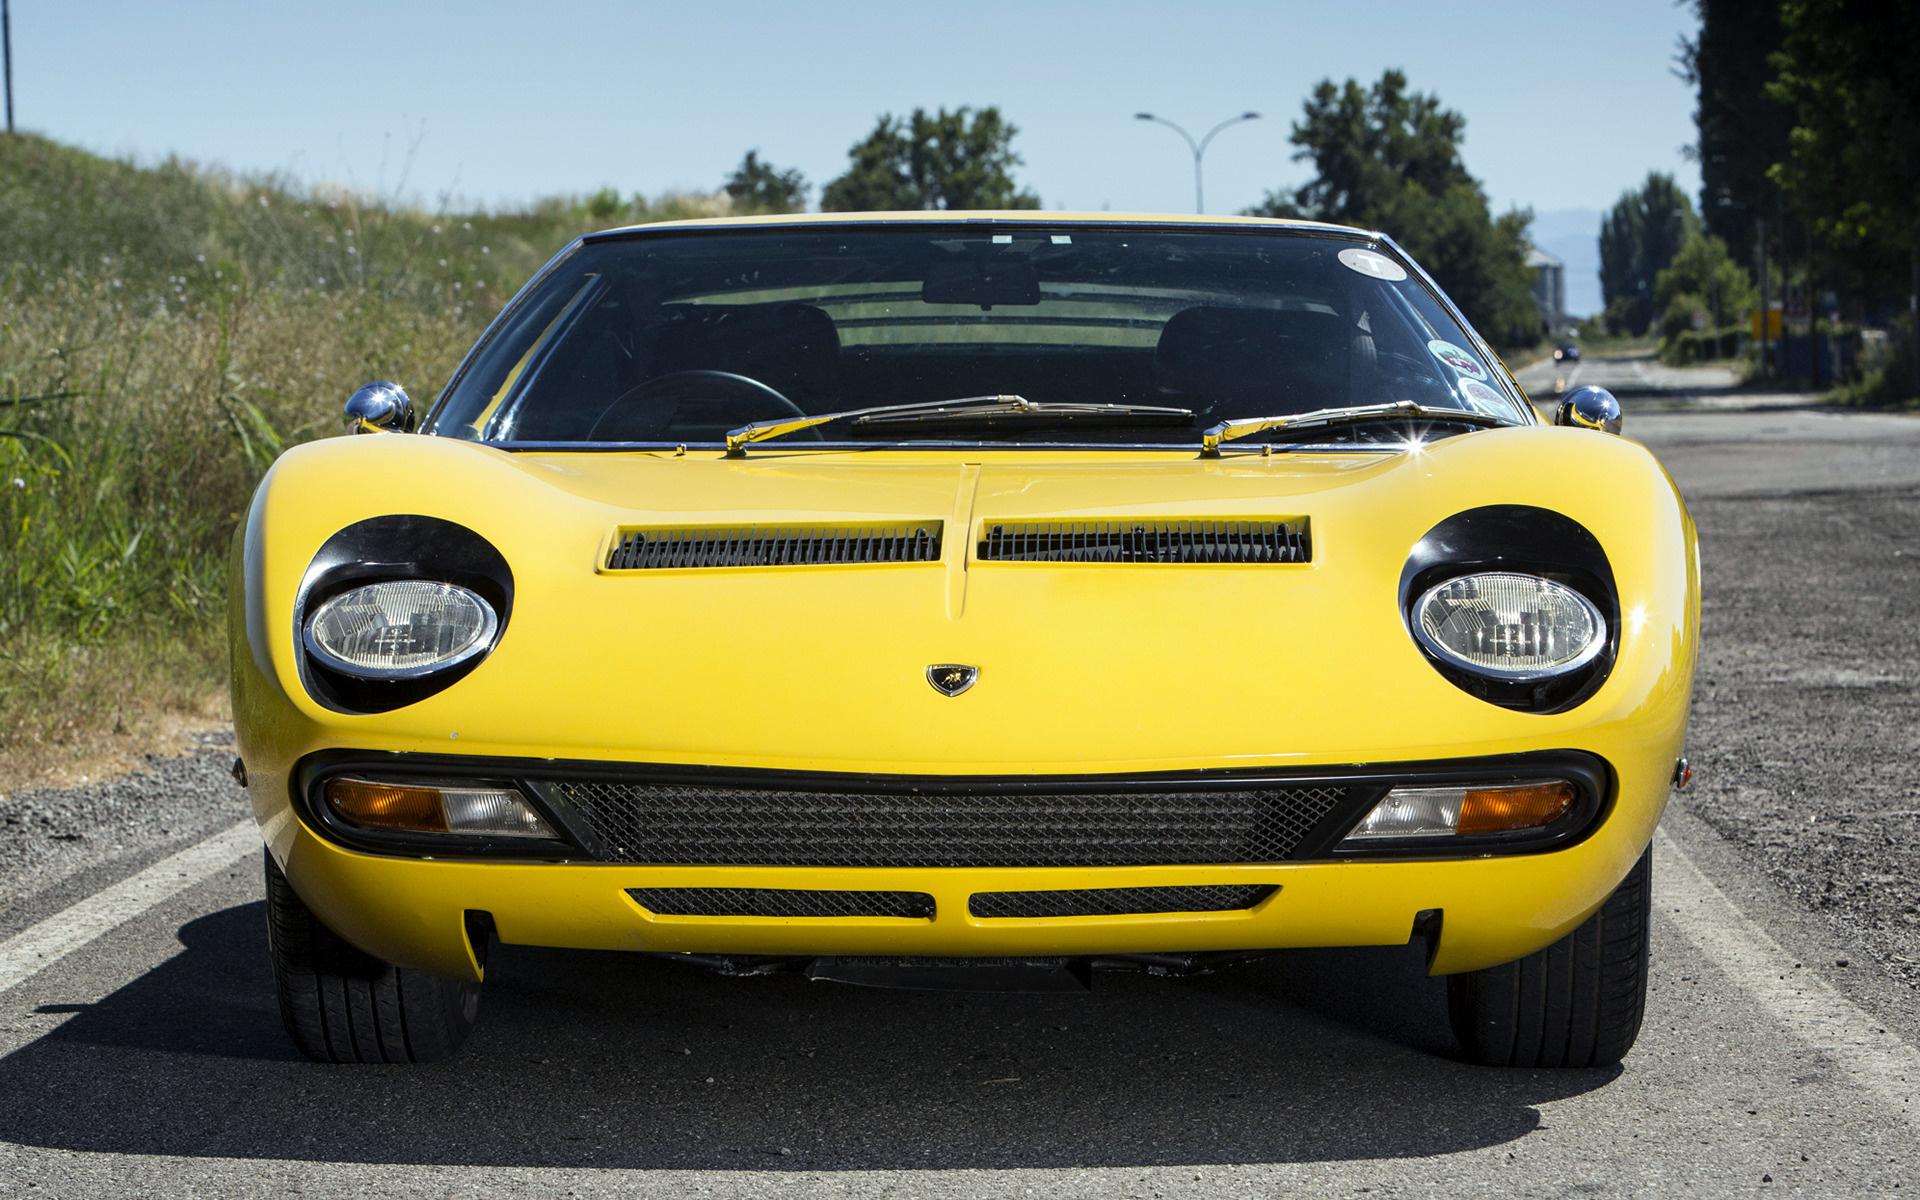 Lamborghini Miura SV (1971) UK Wallpapers and HD Images - Car Pixel